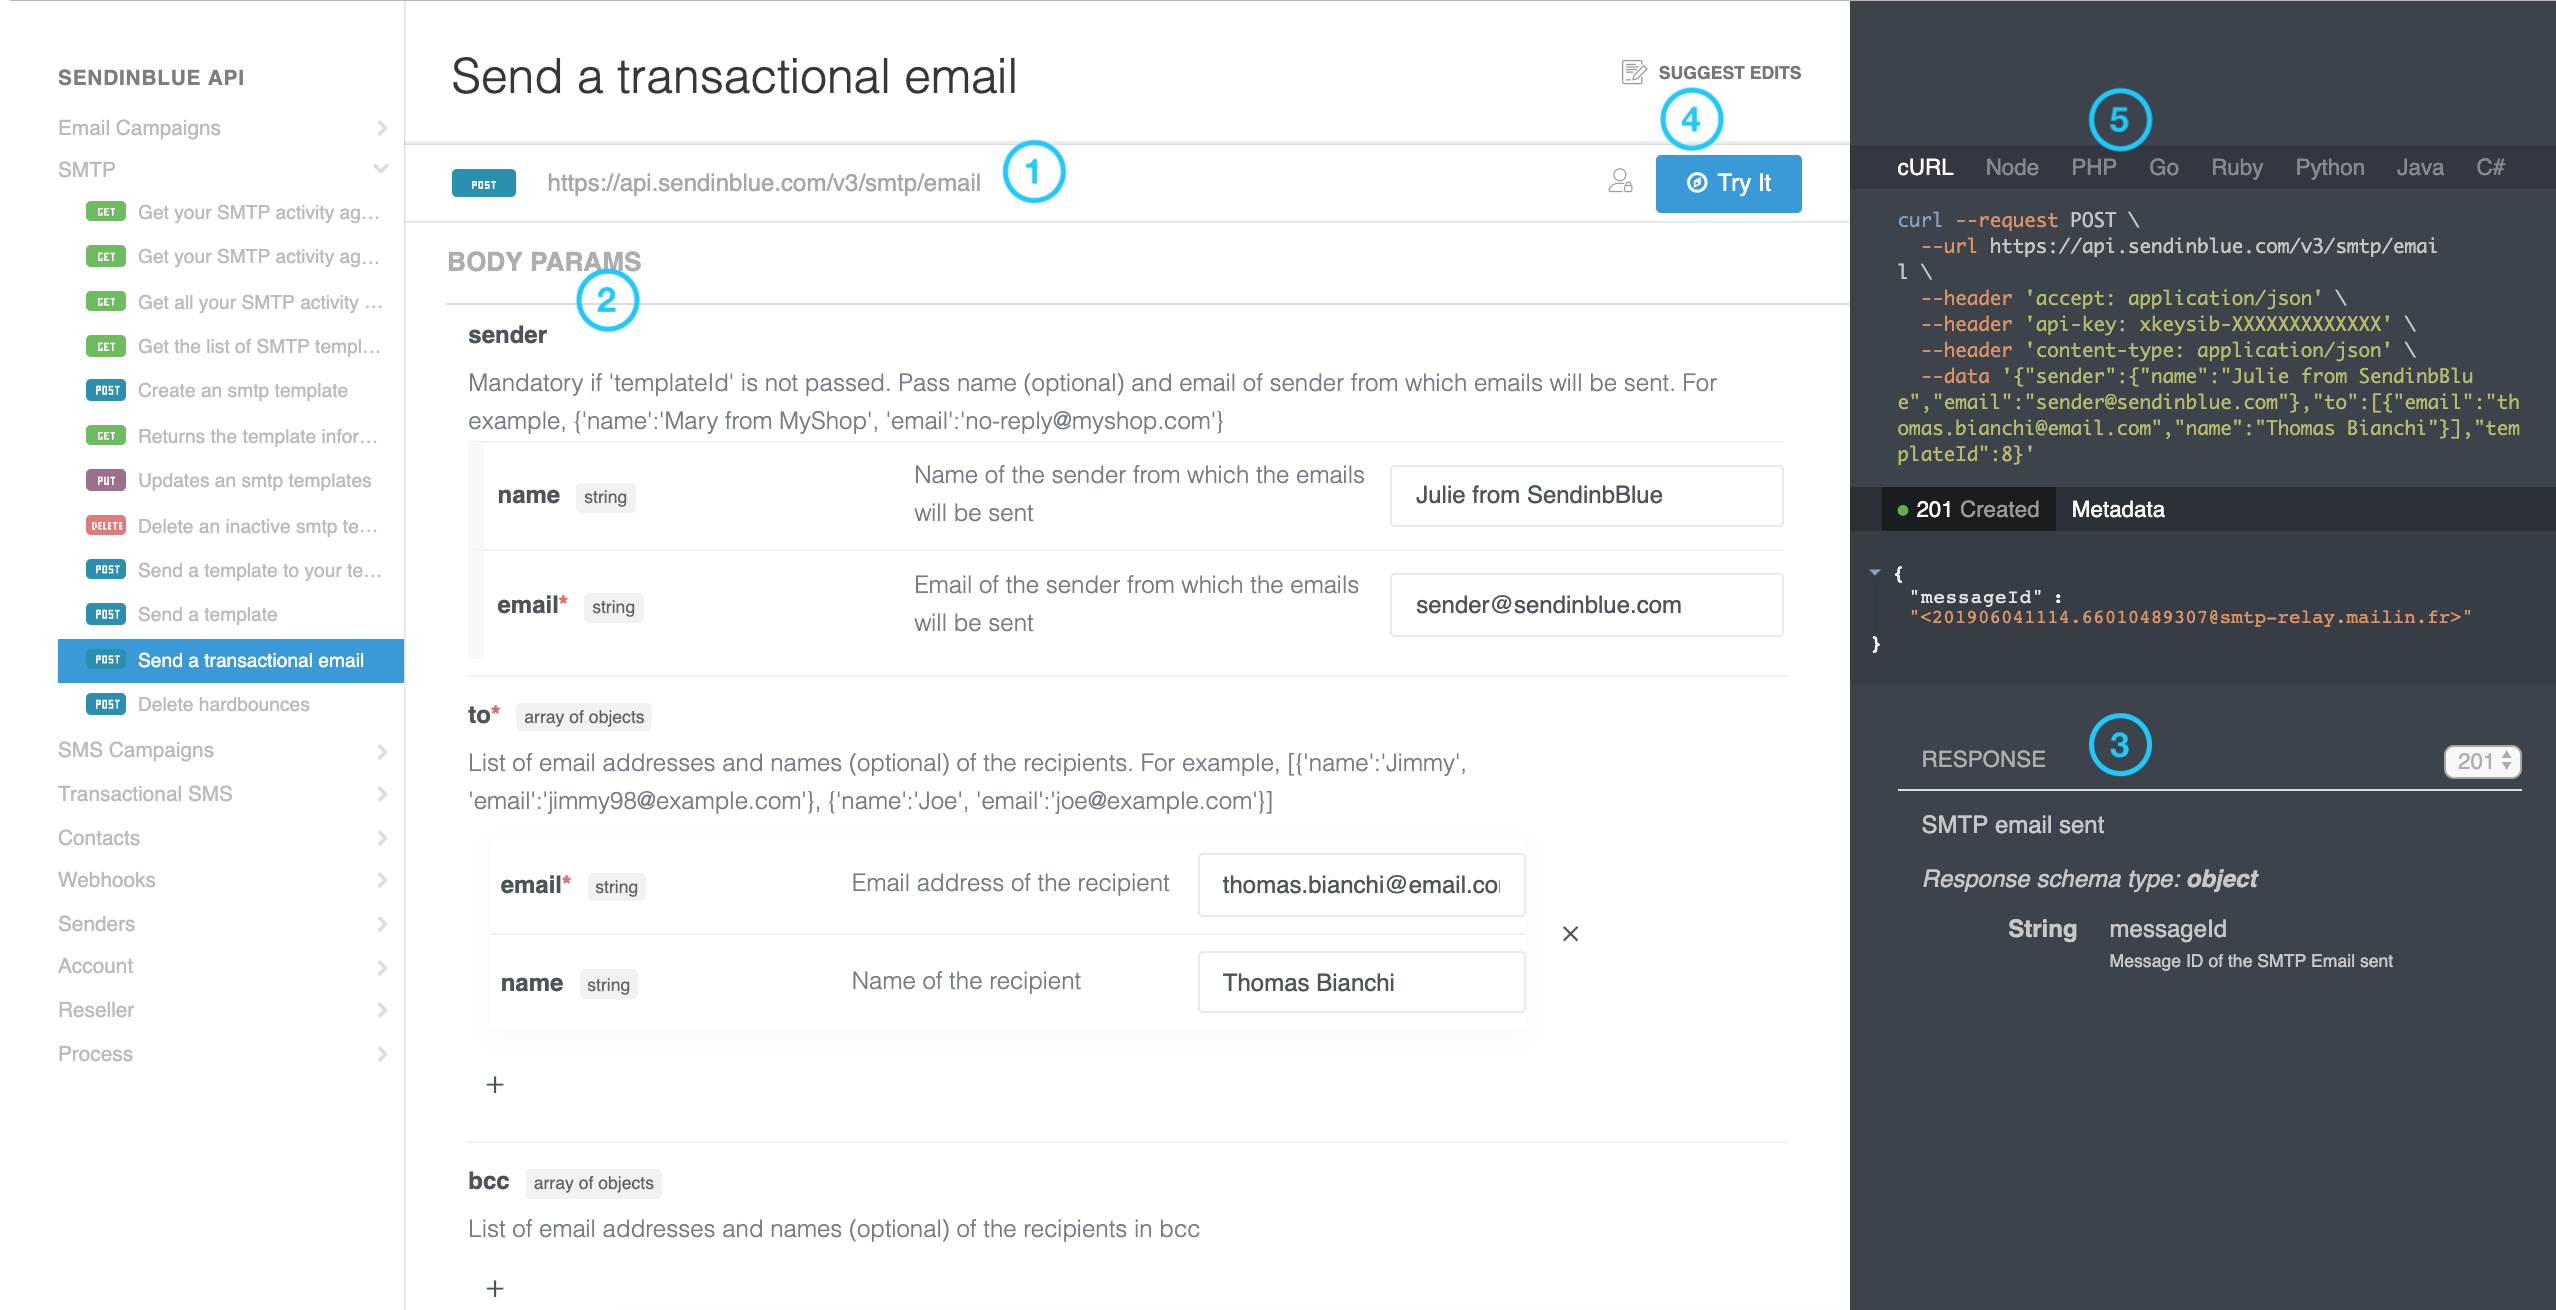 Send transactional email details on Sendinblue API Reference